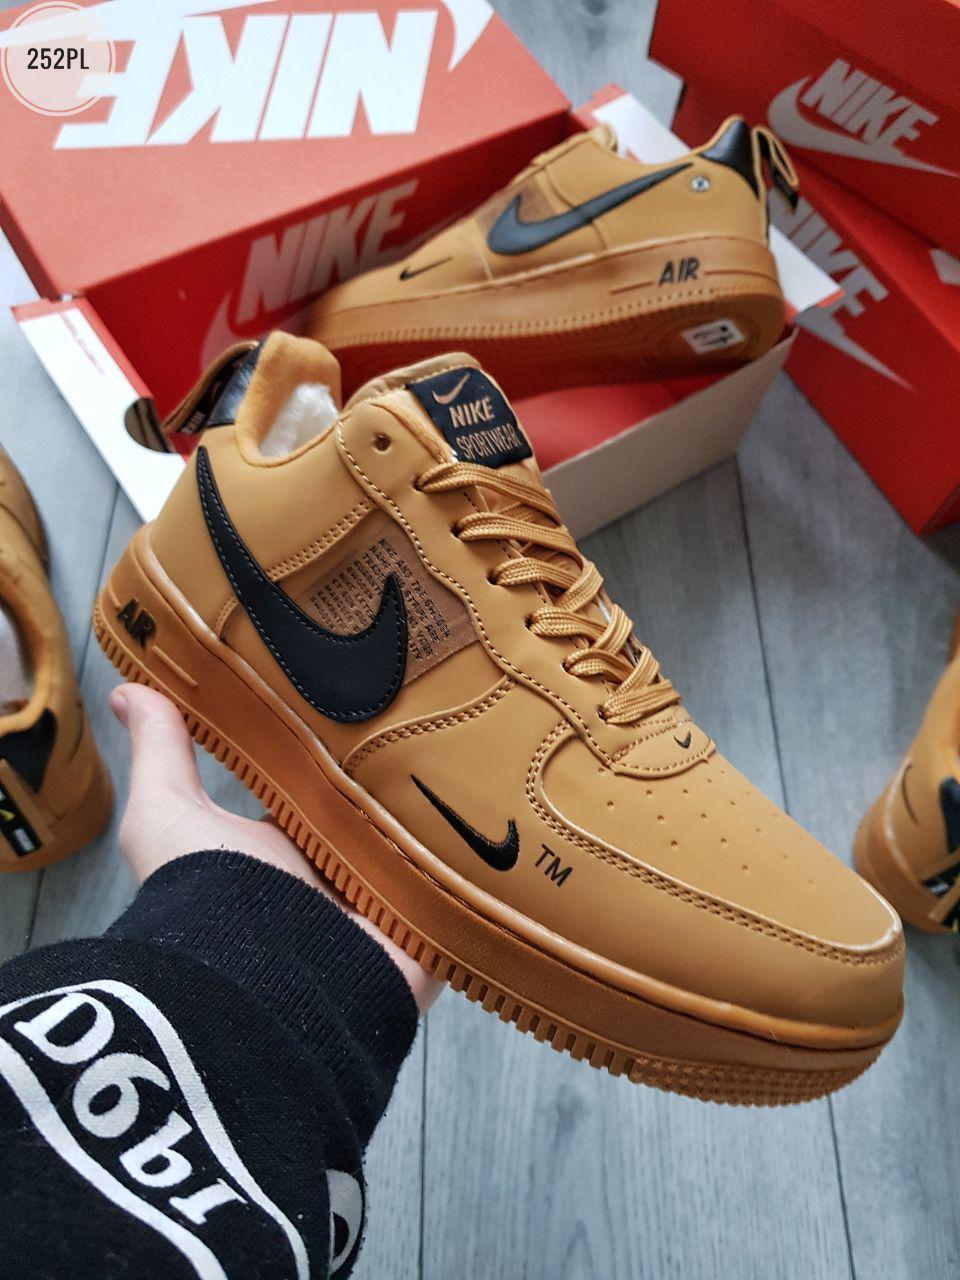 ЗИМА!!! Мужские кроссовки Nike Air Force Low Winter (р. 44) Коричневые зимние